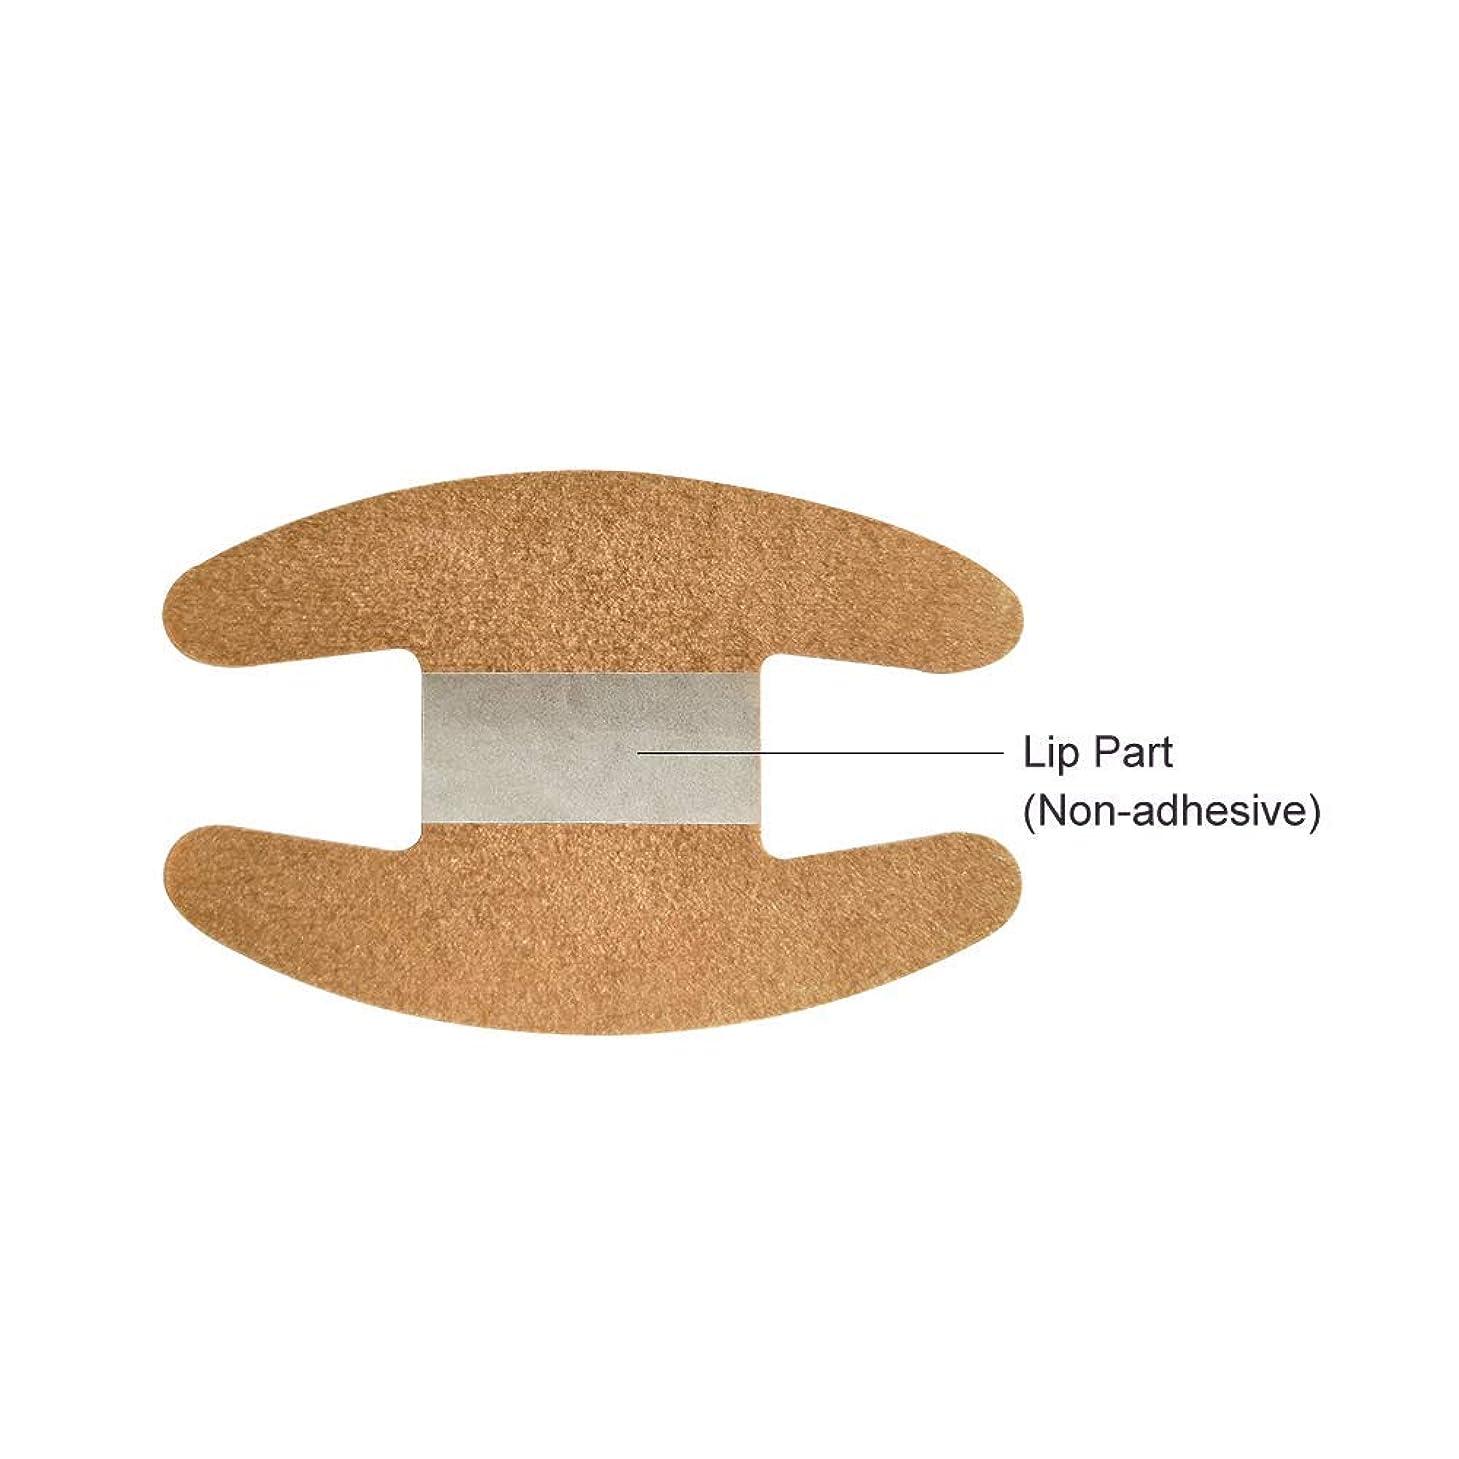 チャーム入札効能NOTE 口の乾燥、いびき、いびきのソリューション - WoodyKnows使い捨て口ストリップ口テープは口呼吸を和らげます